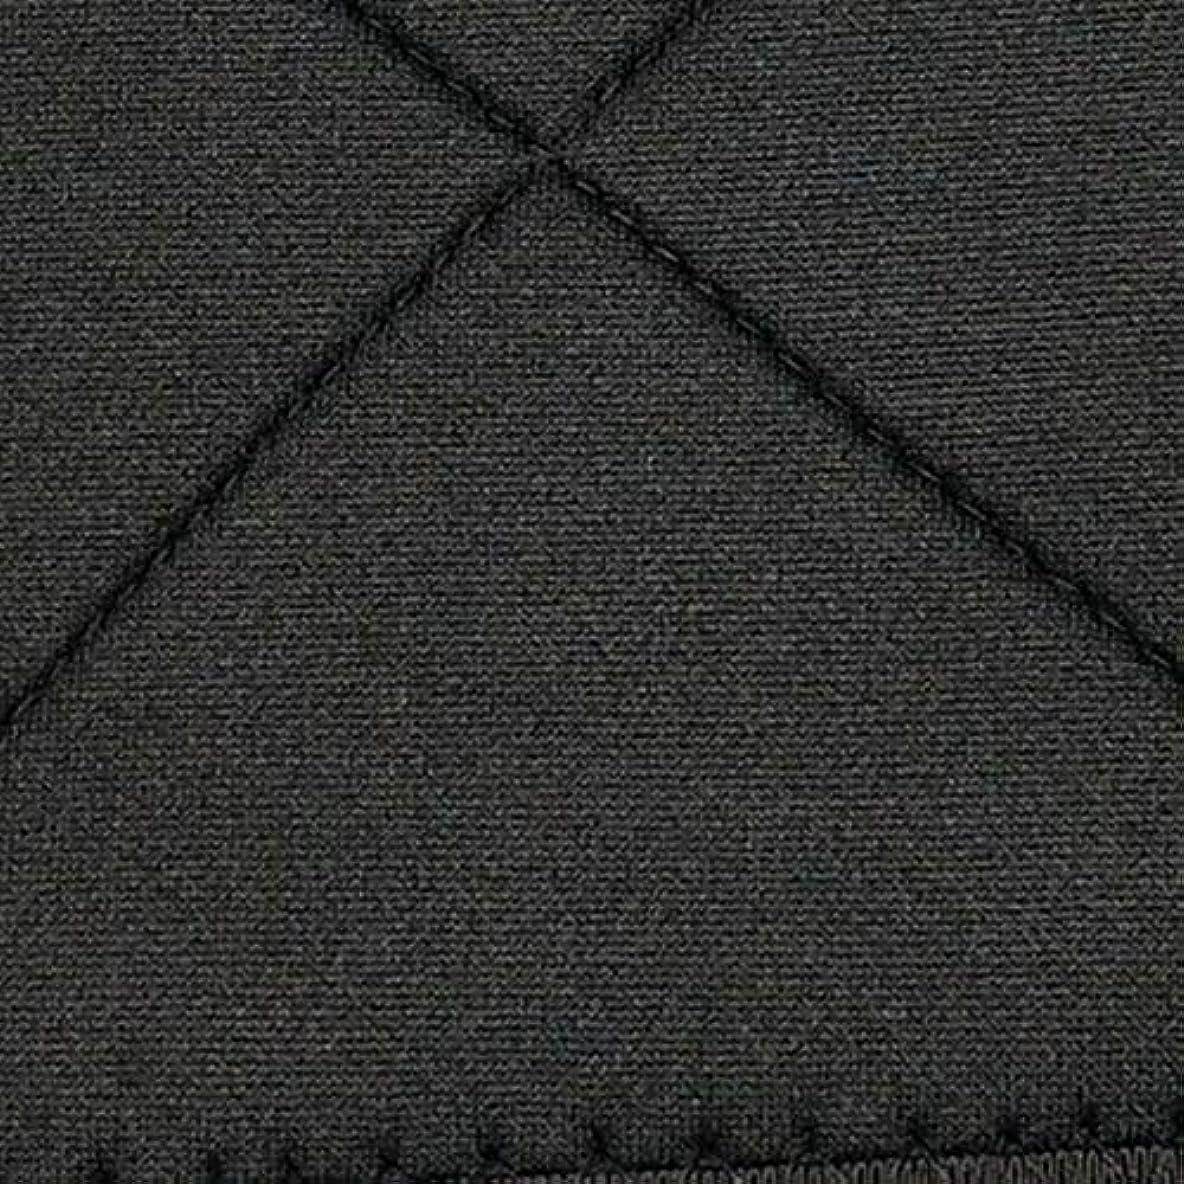 くしゃみ横むき出しネオプレン姿勢矯正ショルダーバックサポート姿勢弯症バンド整形バックコルセットブレース(黒)